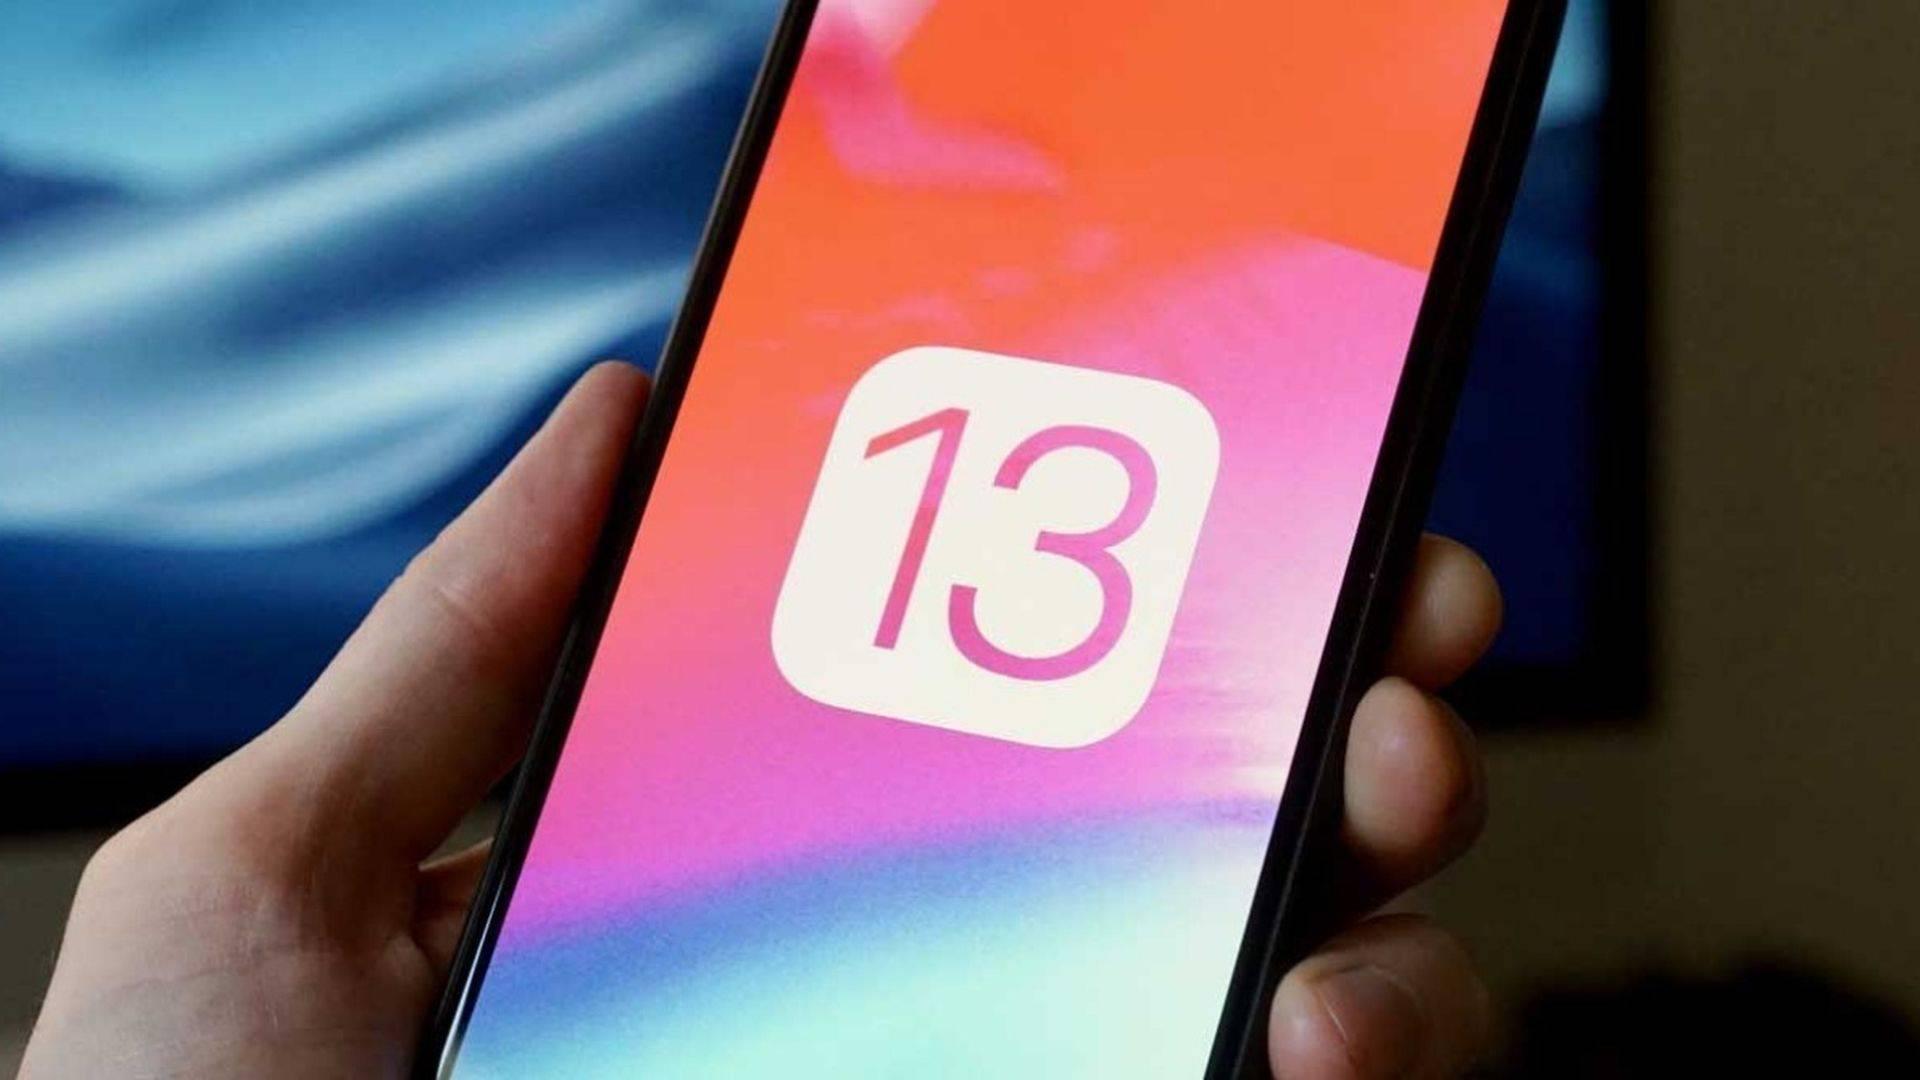 إضافة جديدة لتحذير المستخدمين من إزالة التطبيقات في نظام iOS 13